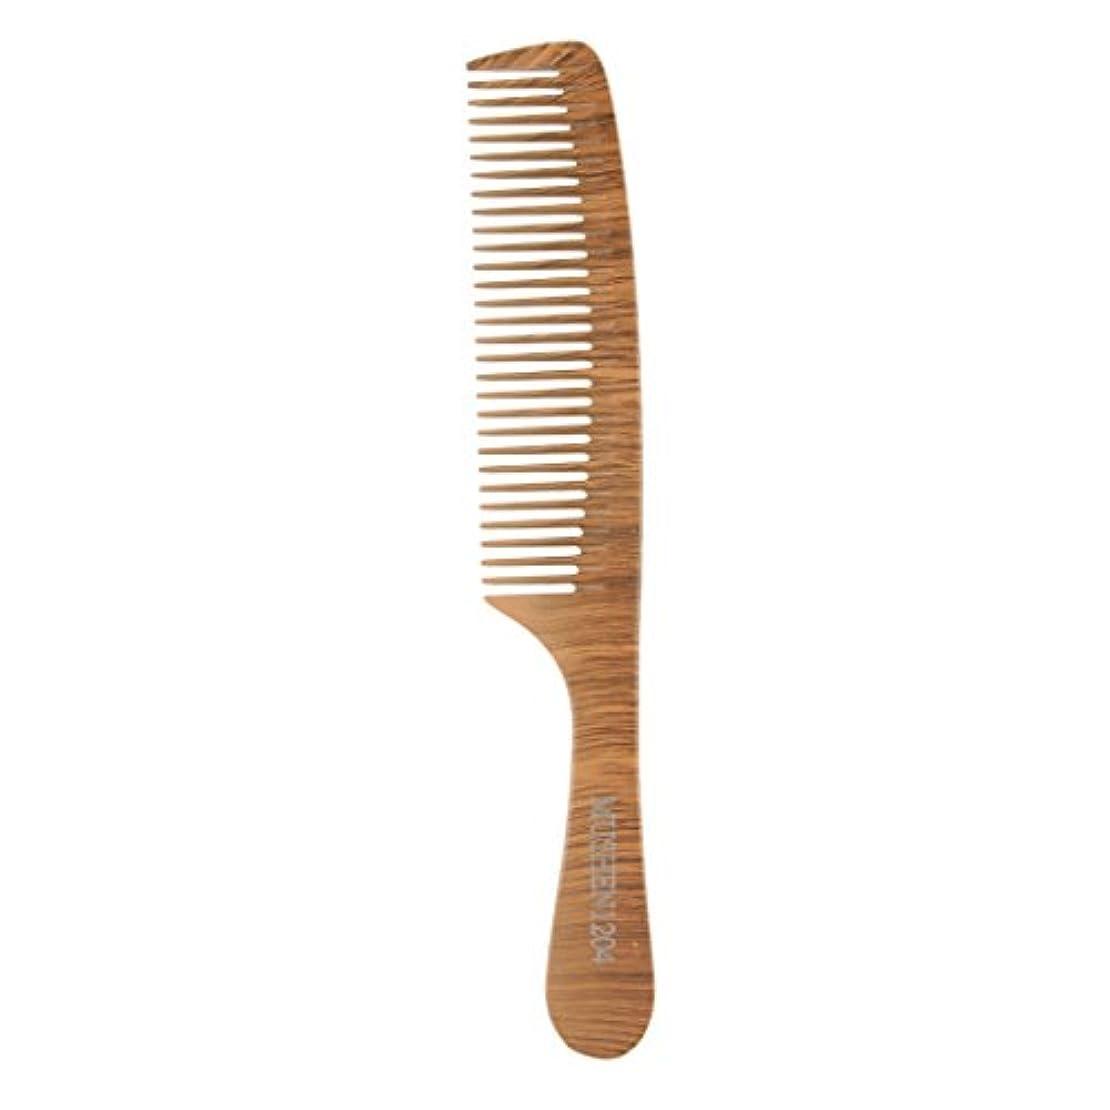 新しい意味マーク解説木の理髪のスタイリングの櫛、大広間およびホテルのヘアケアツールのための頑丈な細かい歯の毛の櫛 - 1204